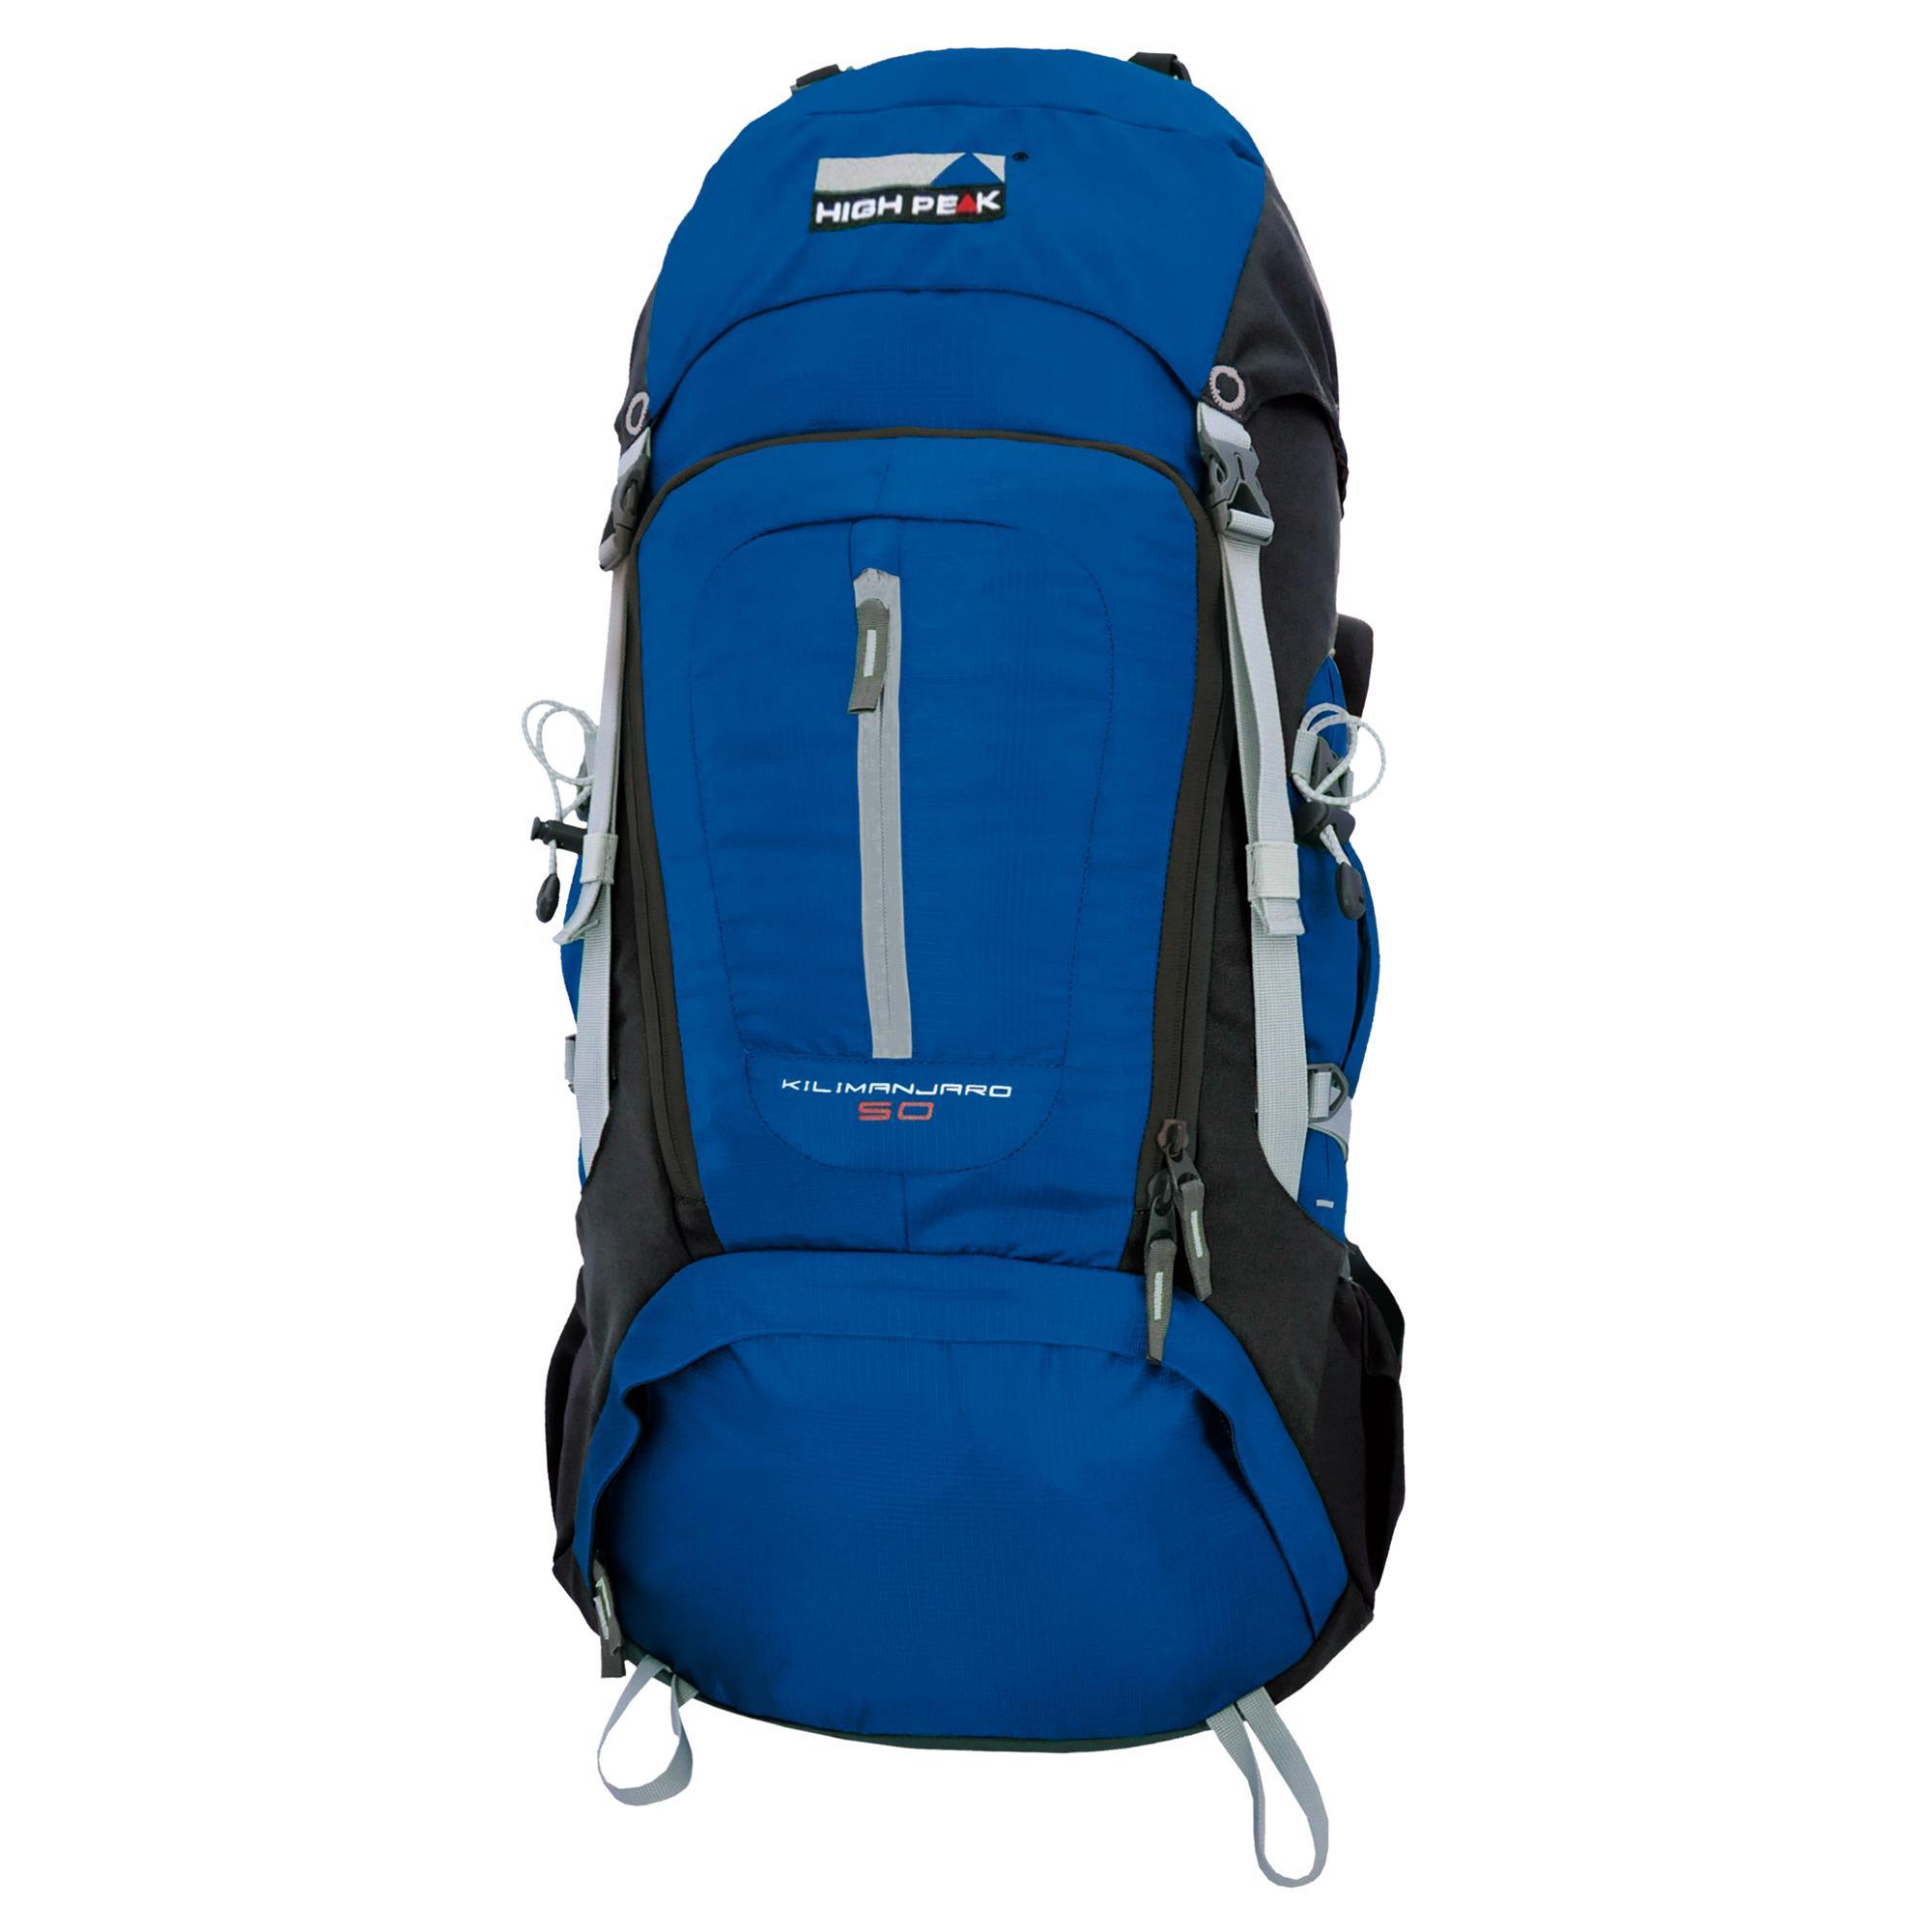 Рюкзак Kilimanjaro 70 синий, 70л, 1710 гр, 30215, Спортивные рюкзаки - арт. 824860283